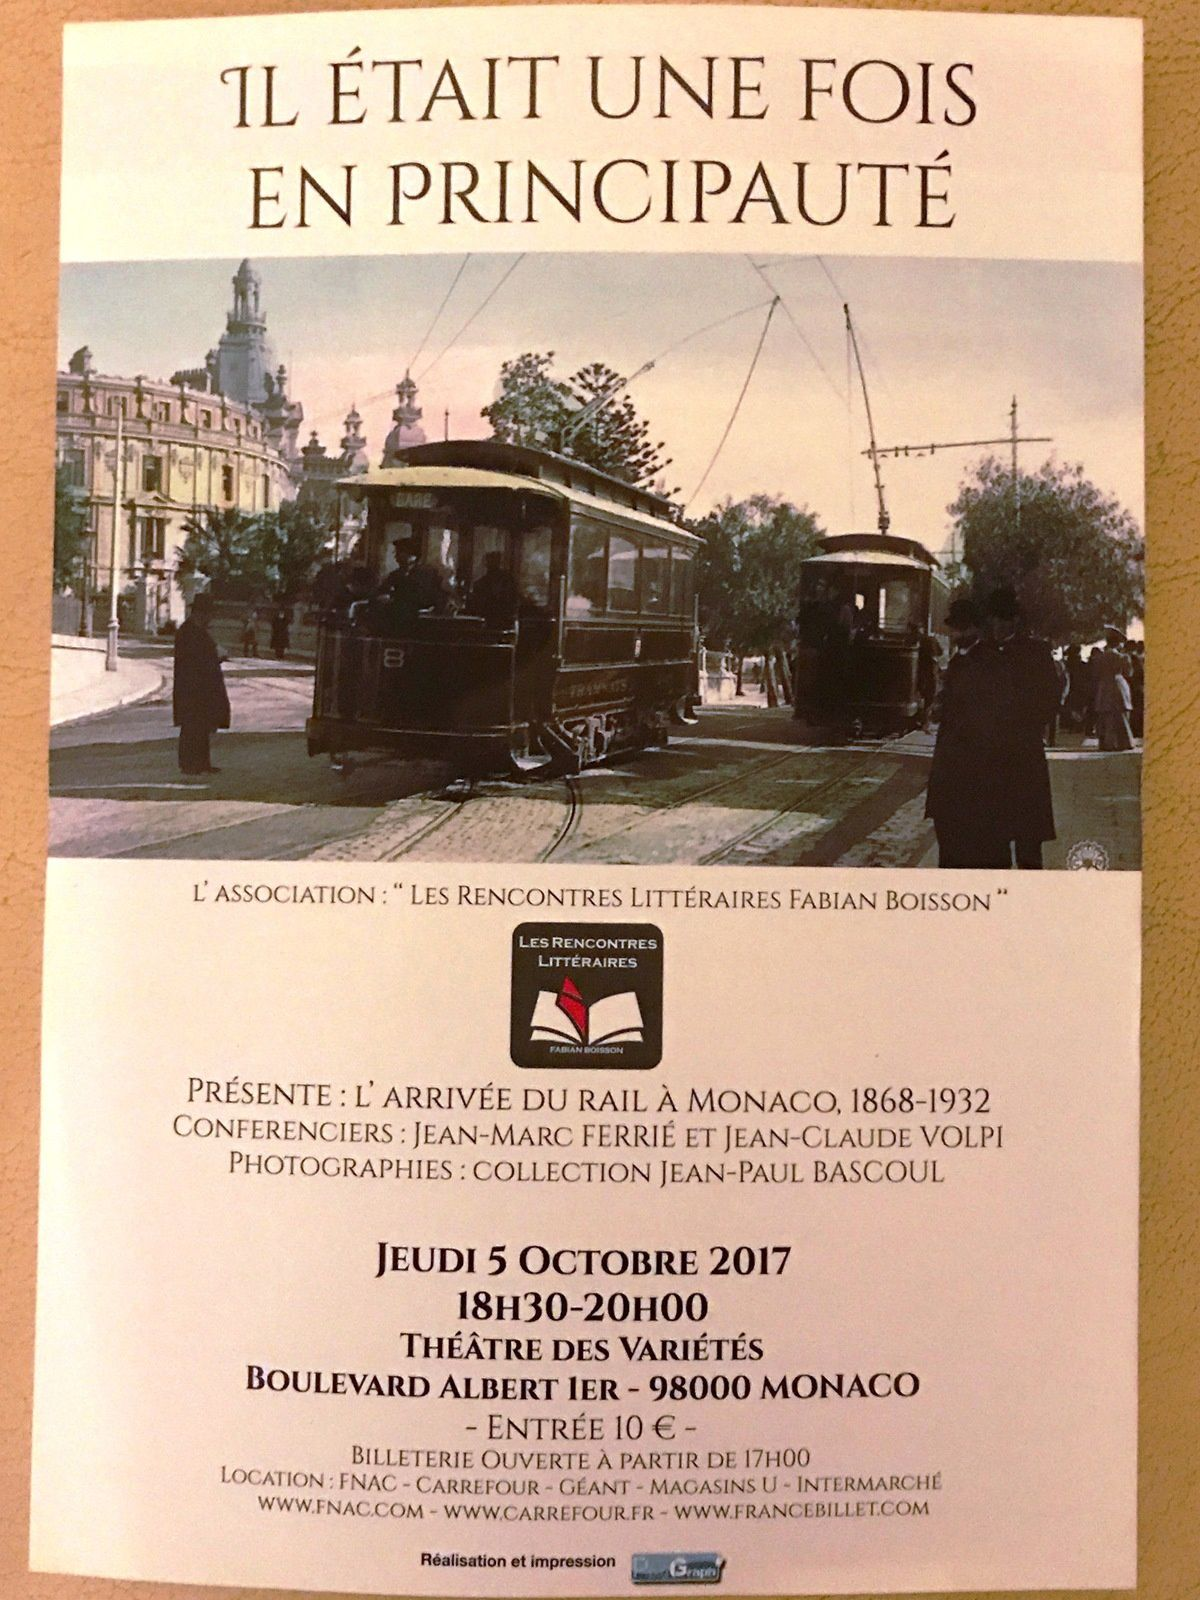 Rencontres Littéraires Fabian Boisson : Monaco 2017 - Il était une fois en Principauté